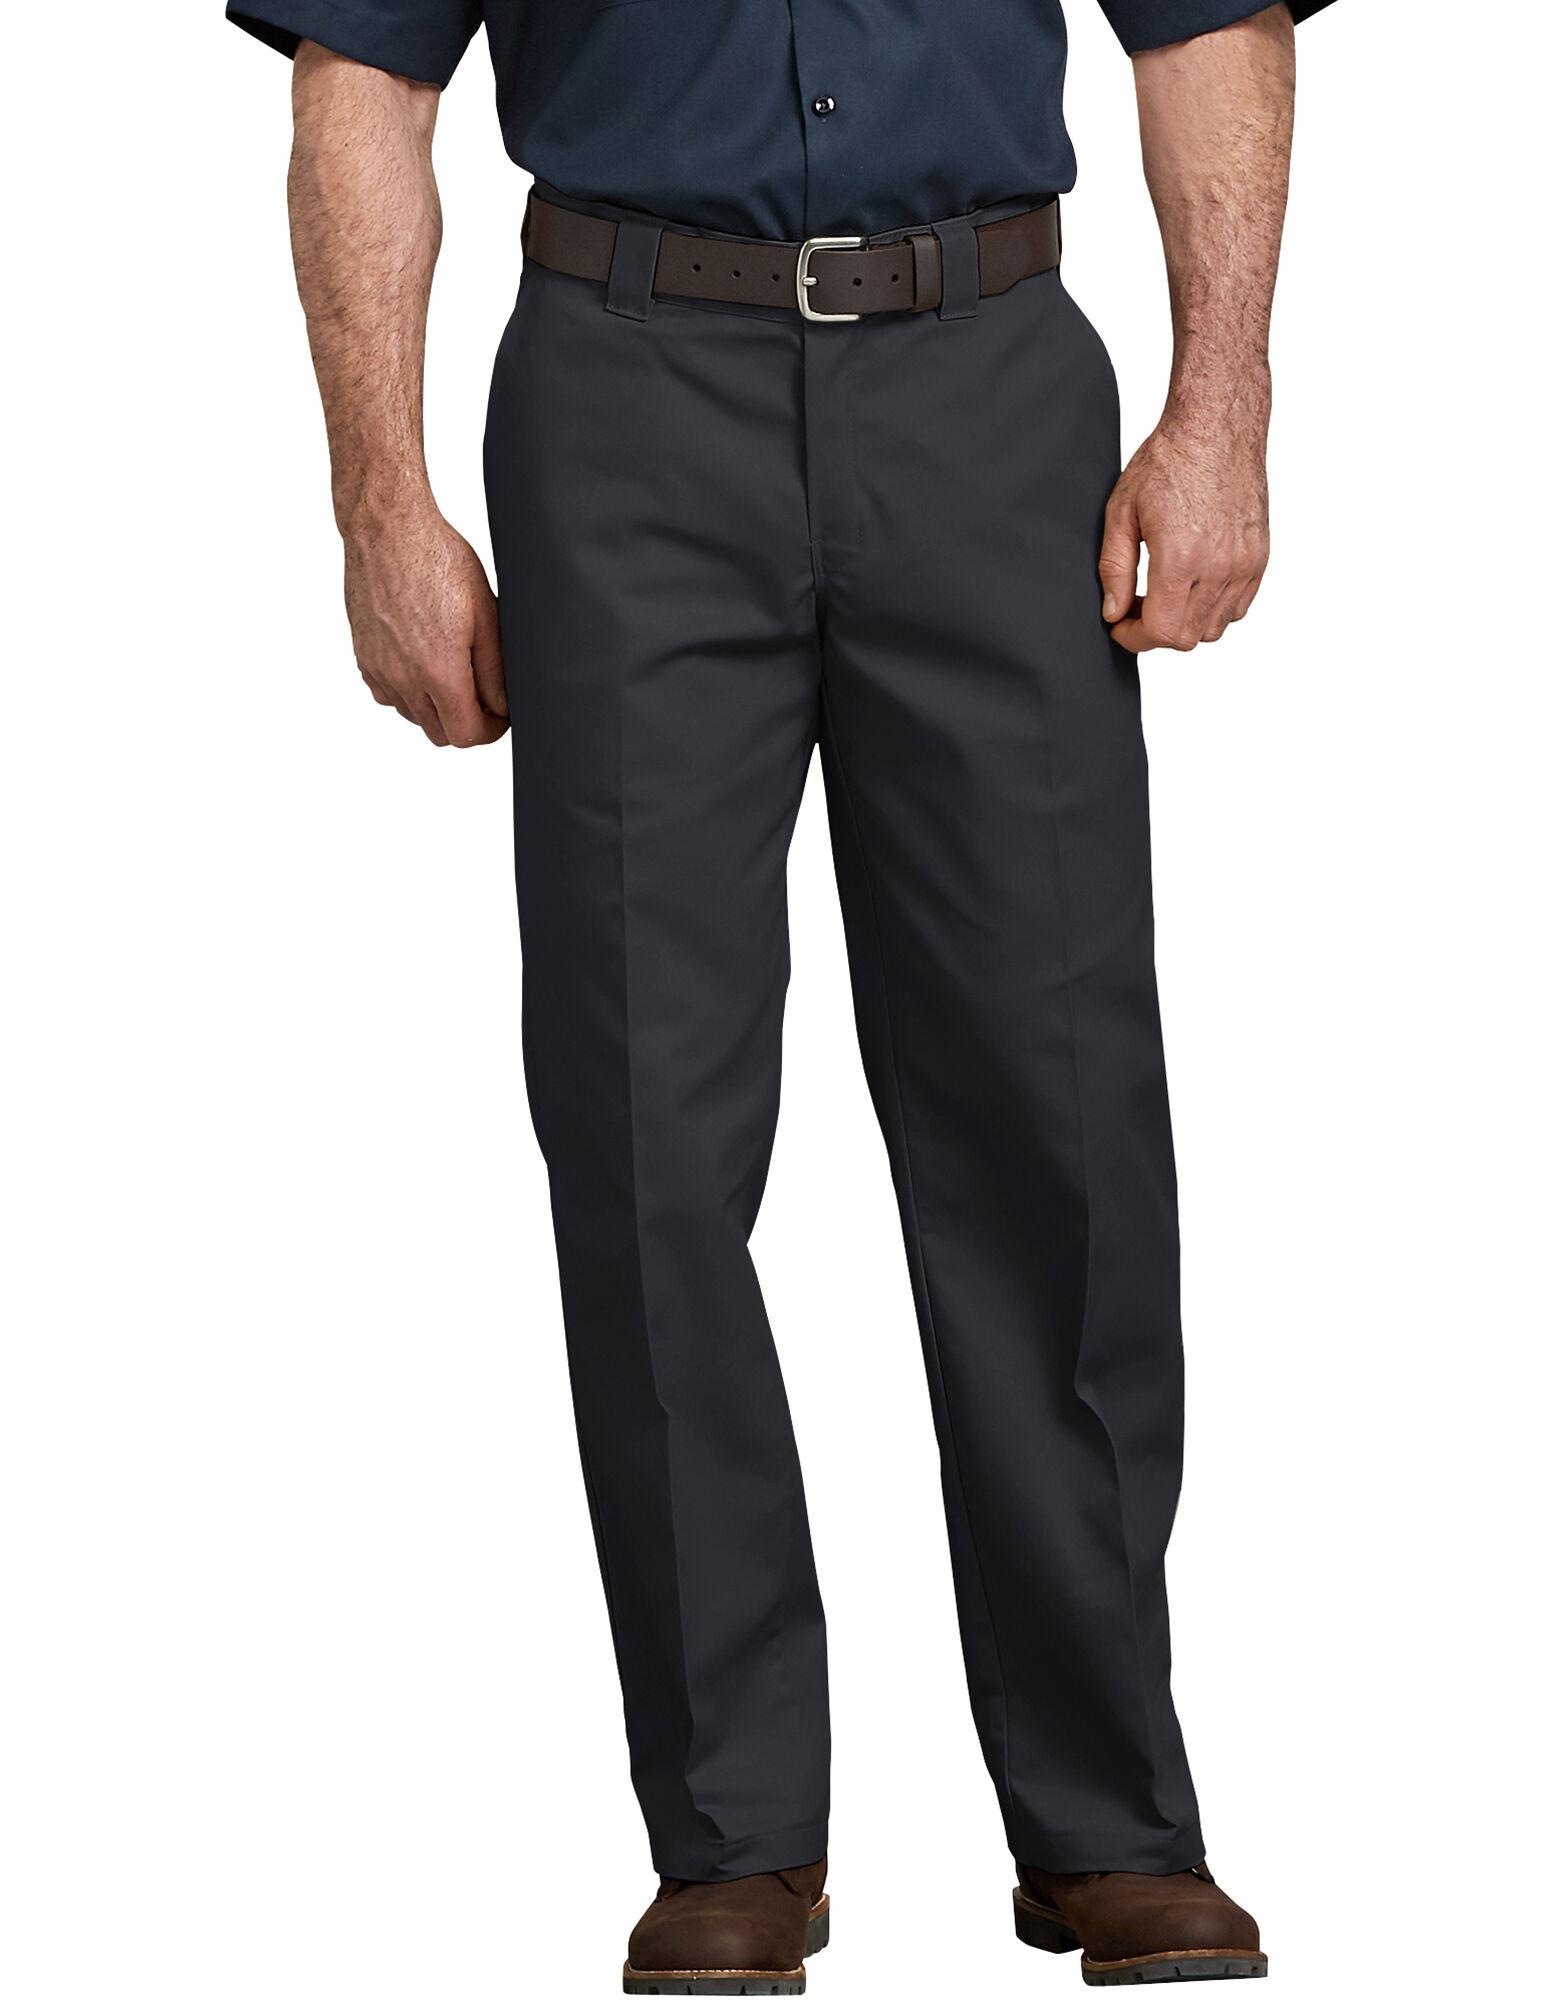 Men's Pants | Work Pants for Men | Dickies